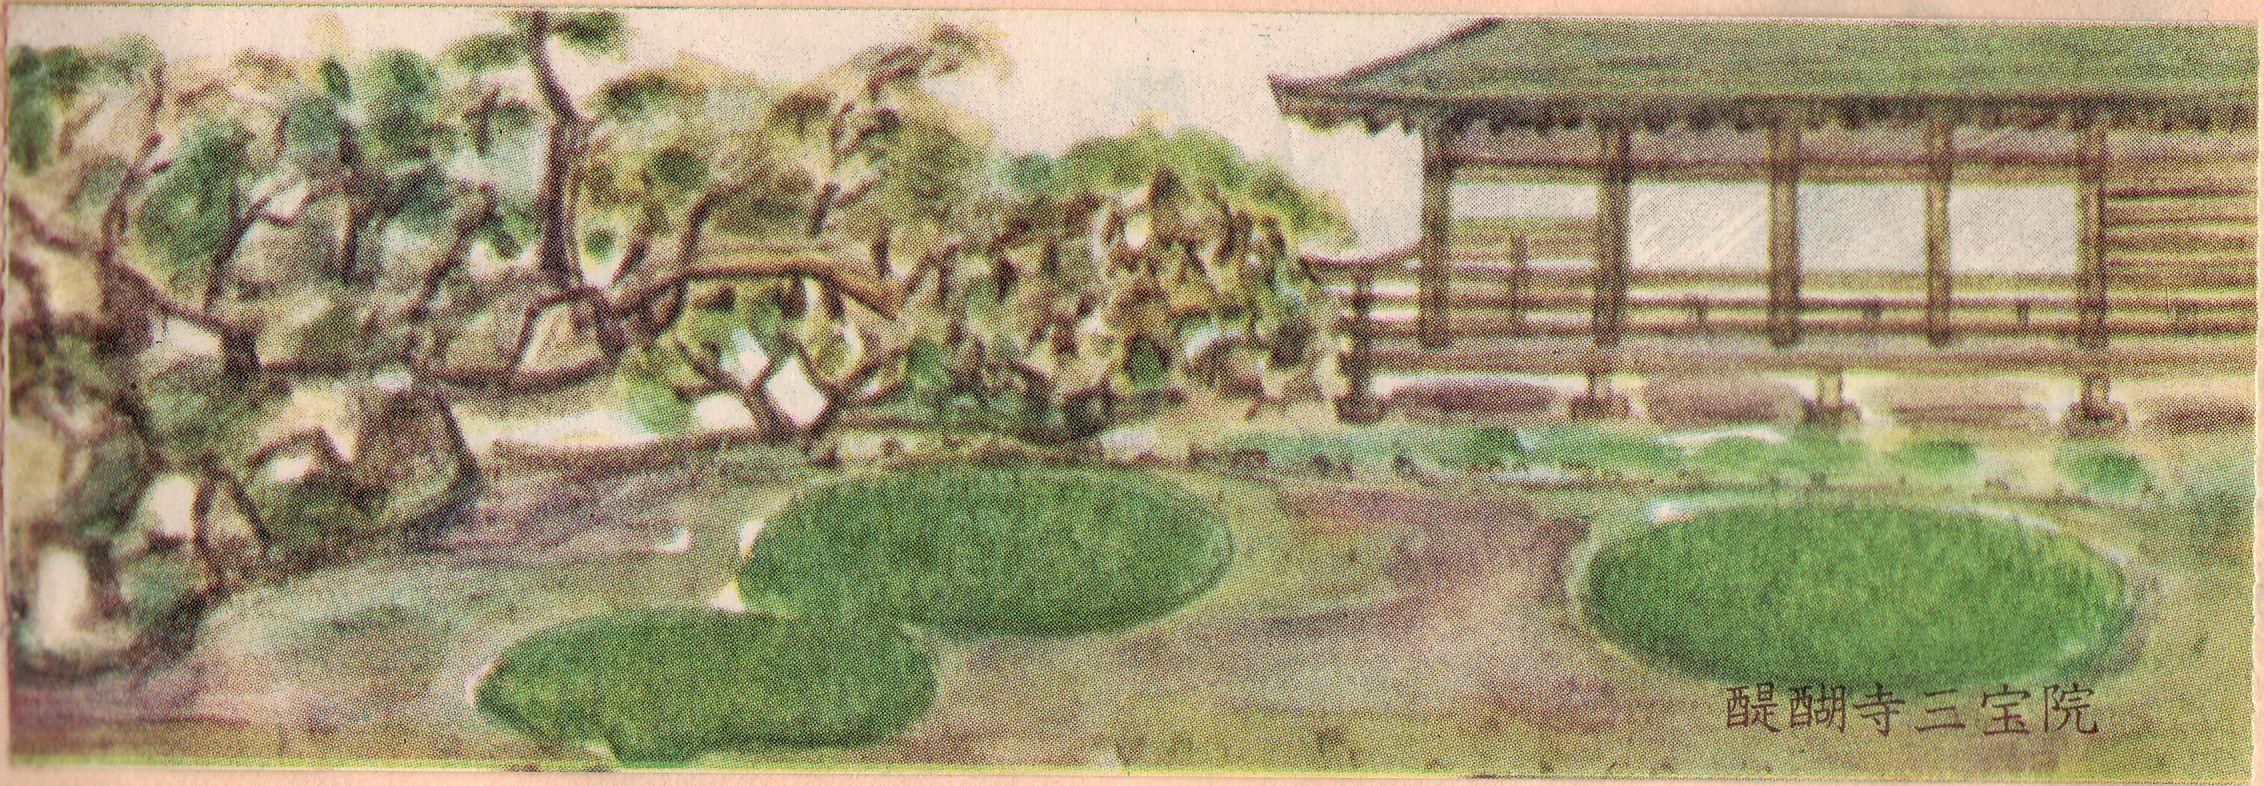 醍醐寺三宝院の拝観券